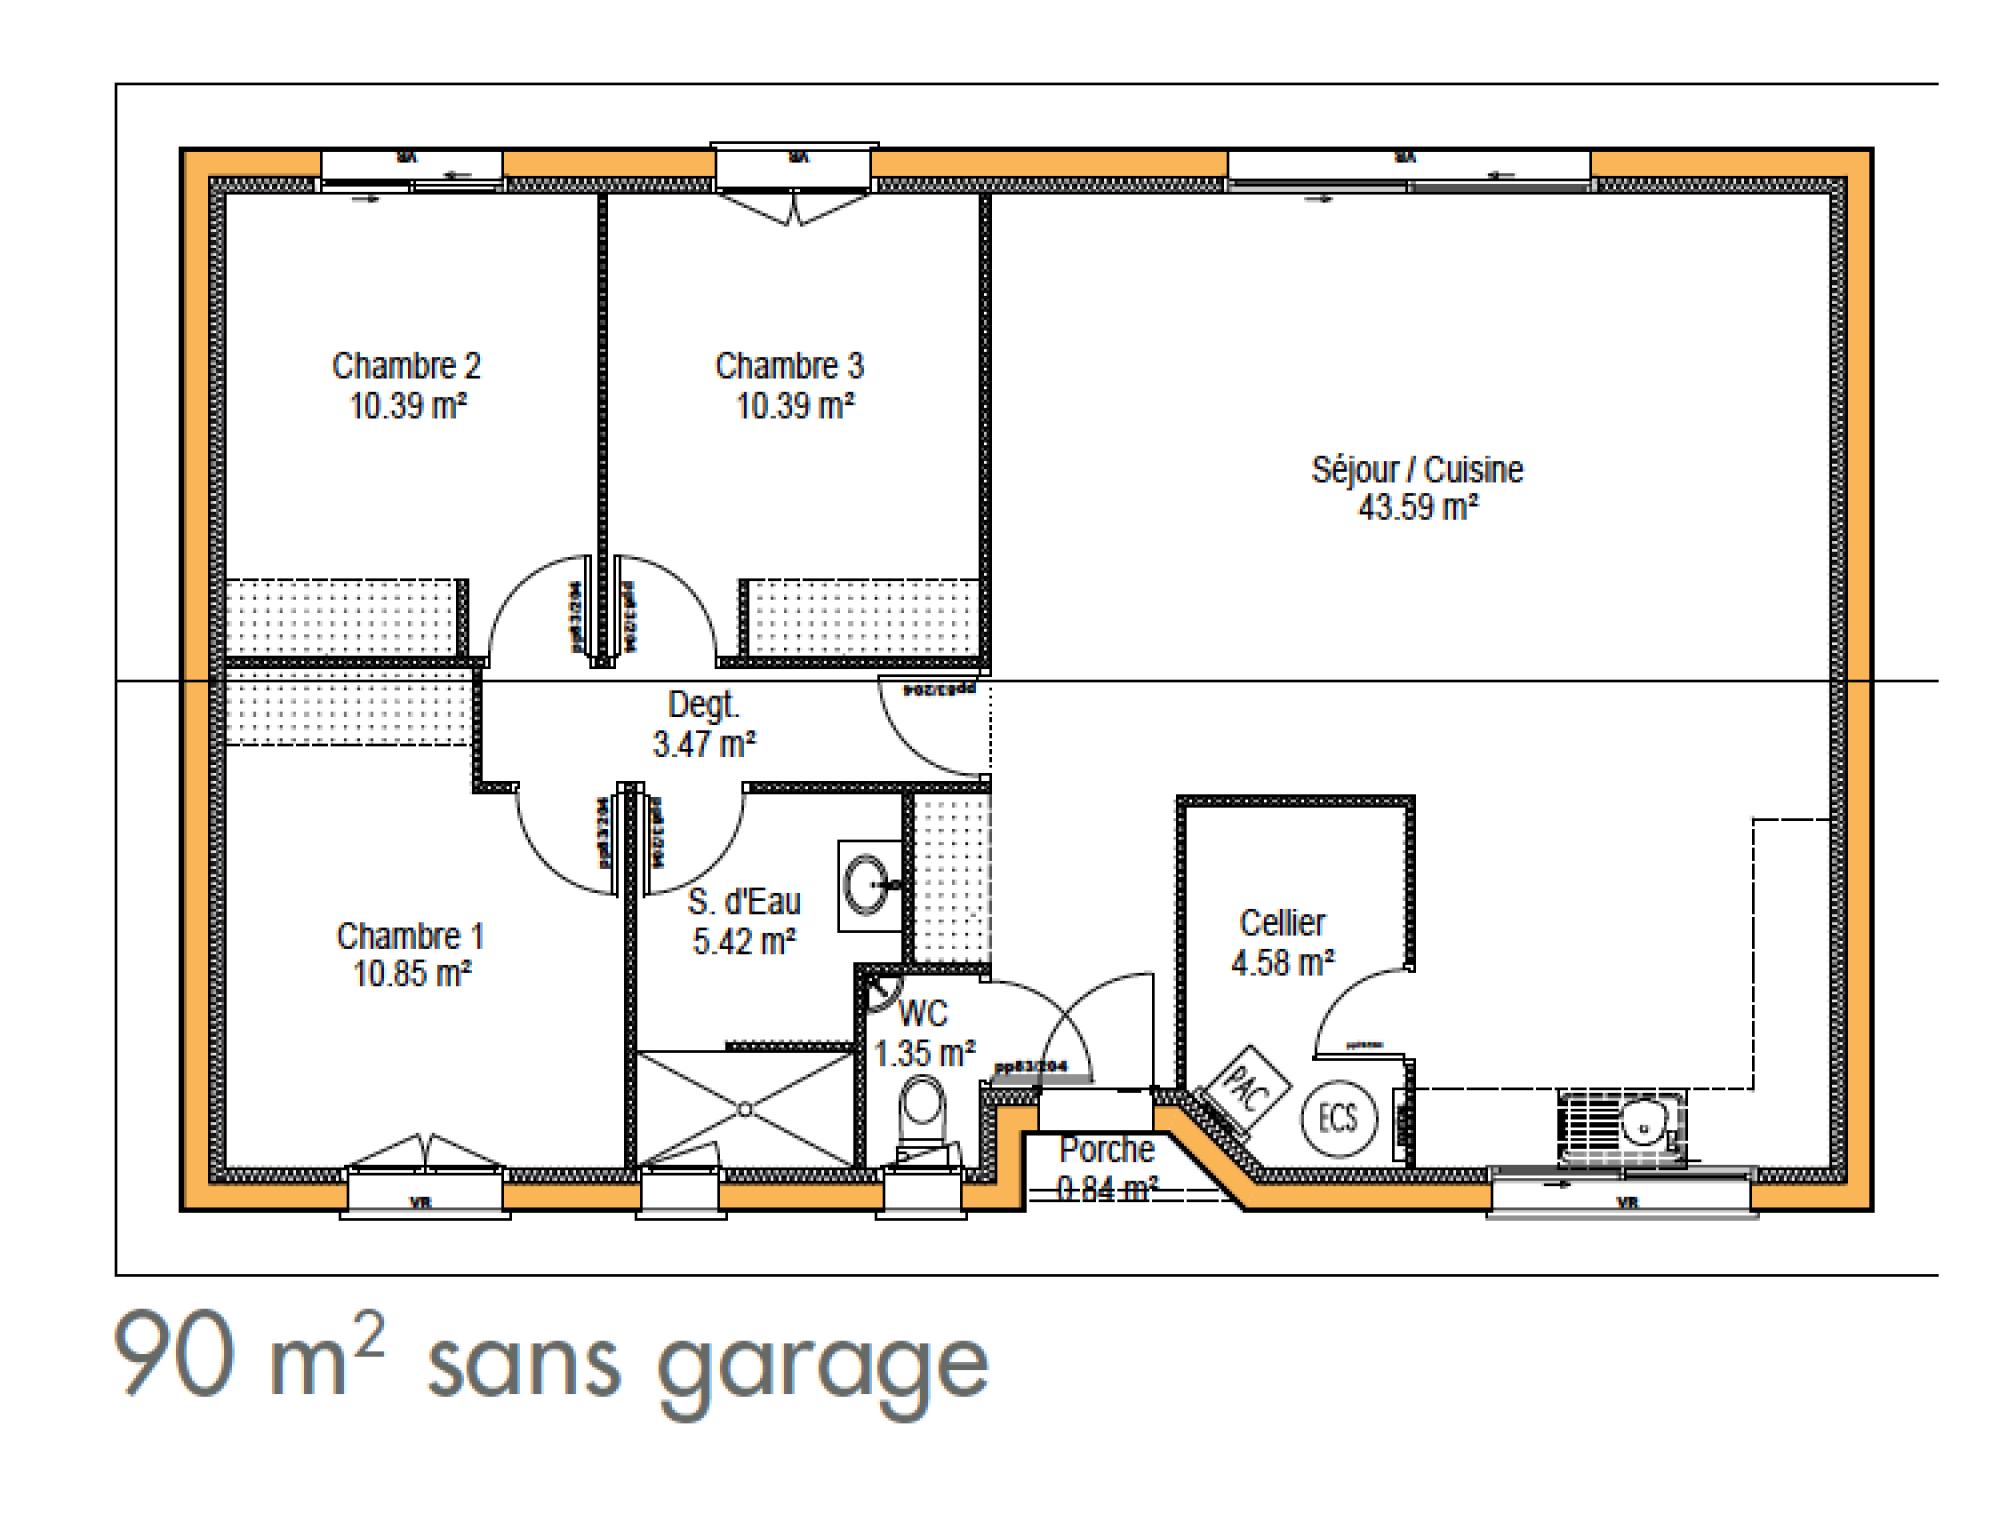 roucou constructeur de maison individuelle bordeaux immo construction. Black Bedroom Furniture Sets. Home Design Ideas